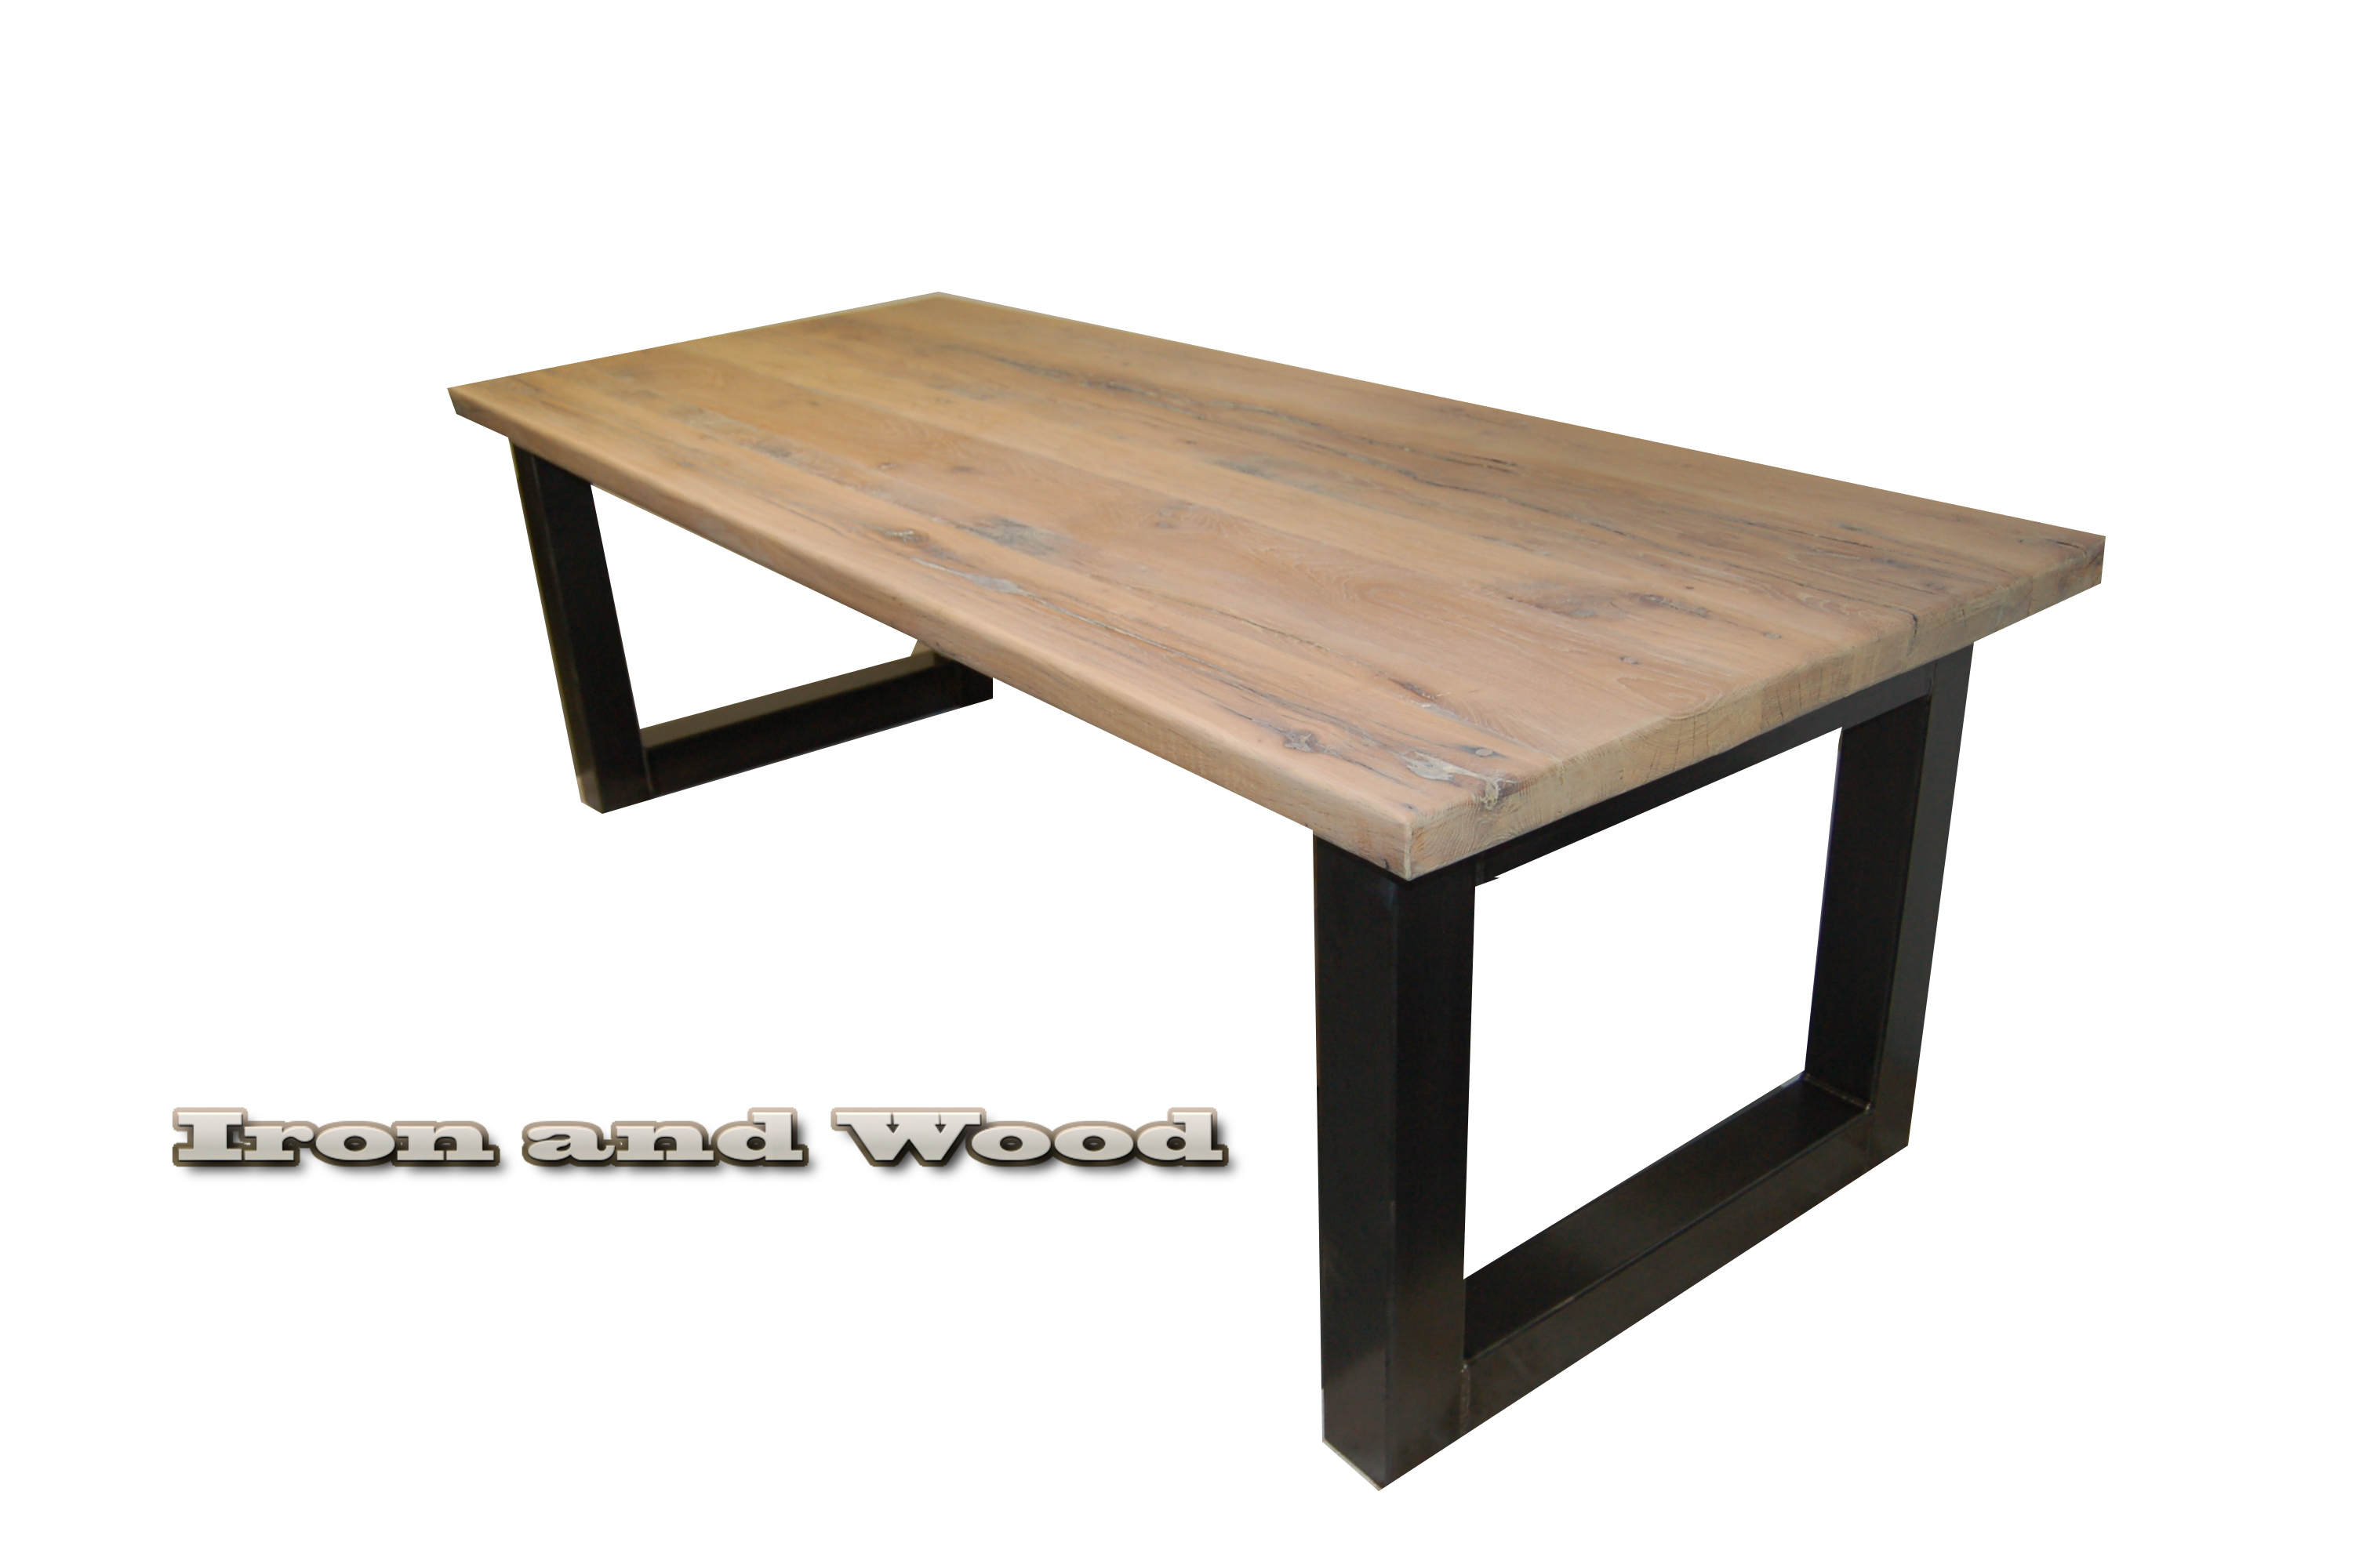 Industriele eettafel beton industriele stalen tafel met kubuspoot en oude eiken eetkamer tafel - Tafel eetkamer industriele ...